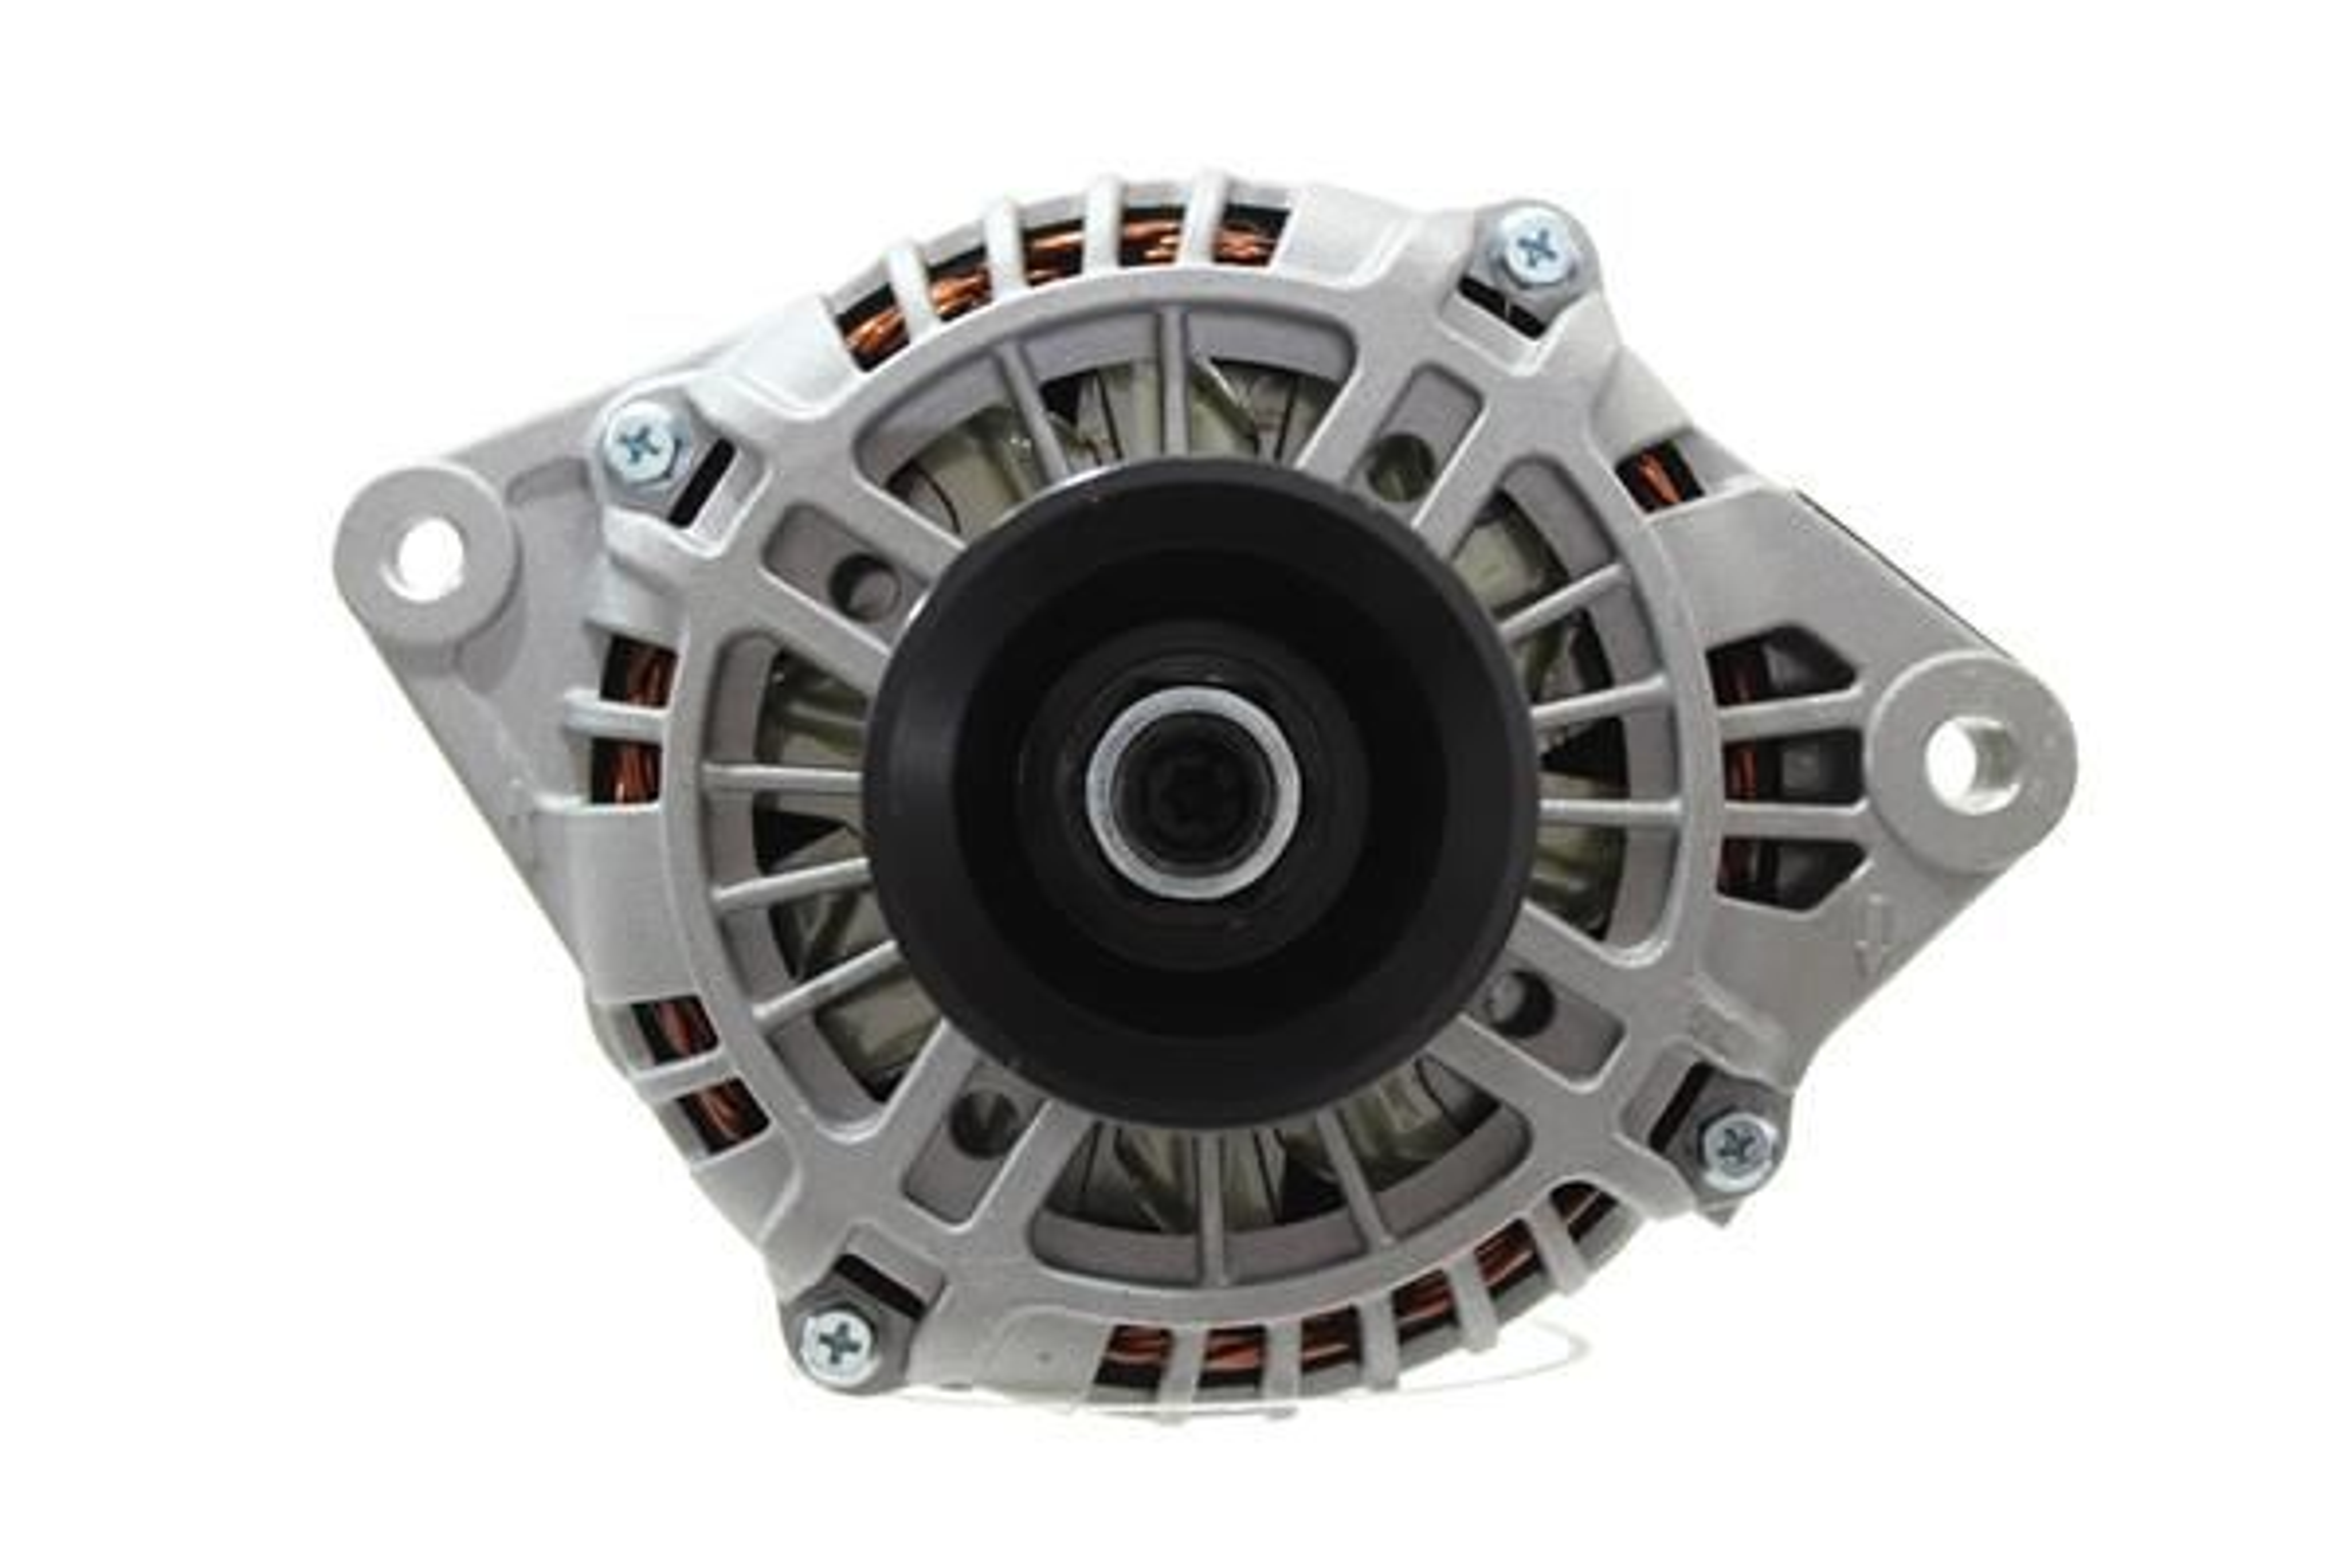 ALANKO Lichtmaschine für RENAULT TRUCKS - Artikelnummer: 10443207